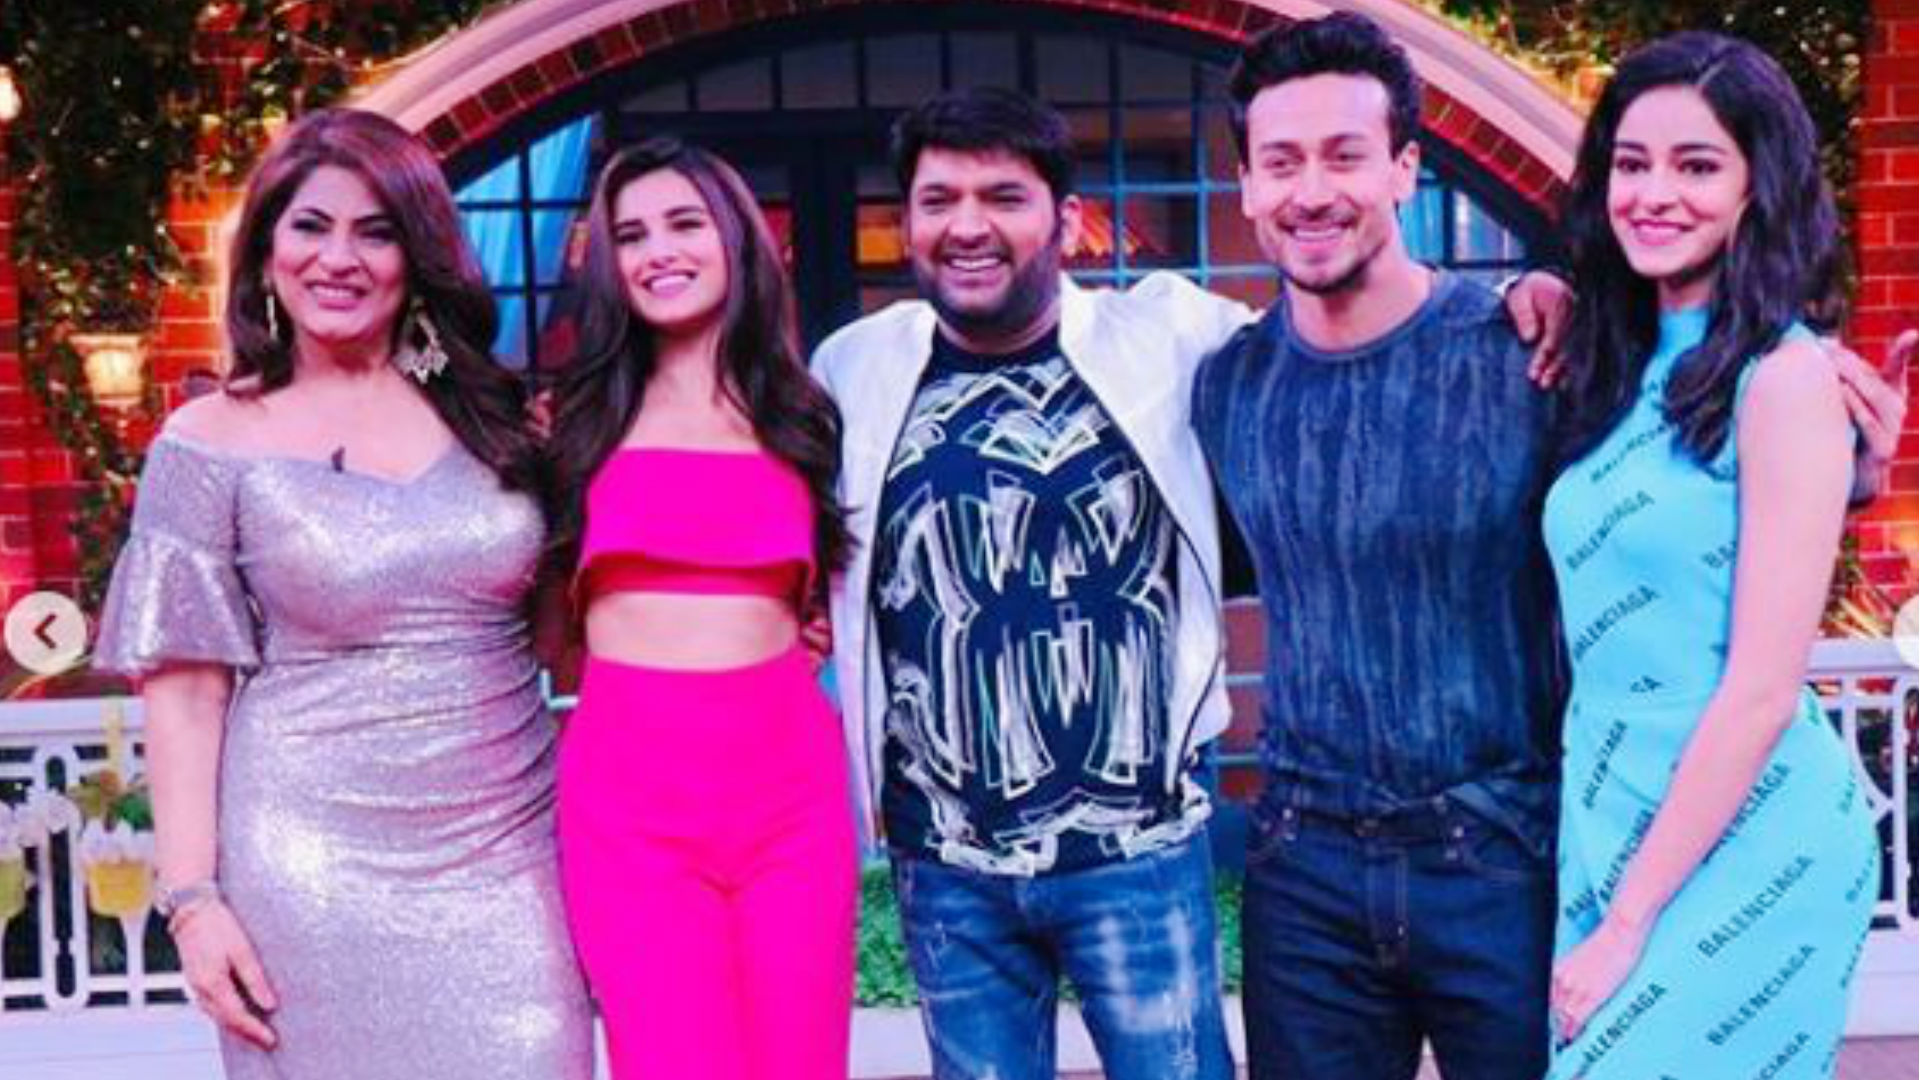 The Kapil Sharma Show: अनन्या पांडे ने कपिल शर्मा के शो में सबको कर डाला हैरान, दिखाया अपना यूनिक टैलेंट